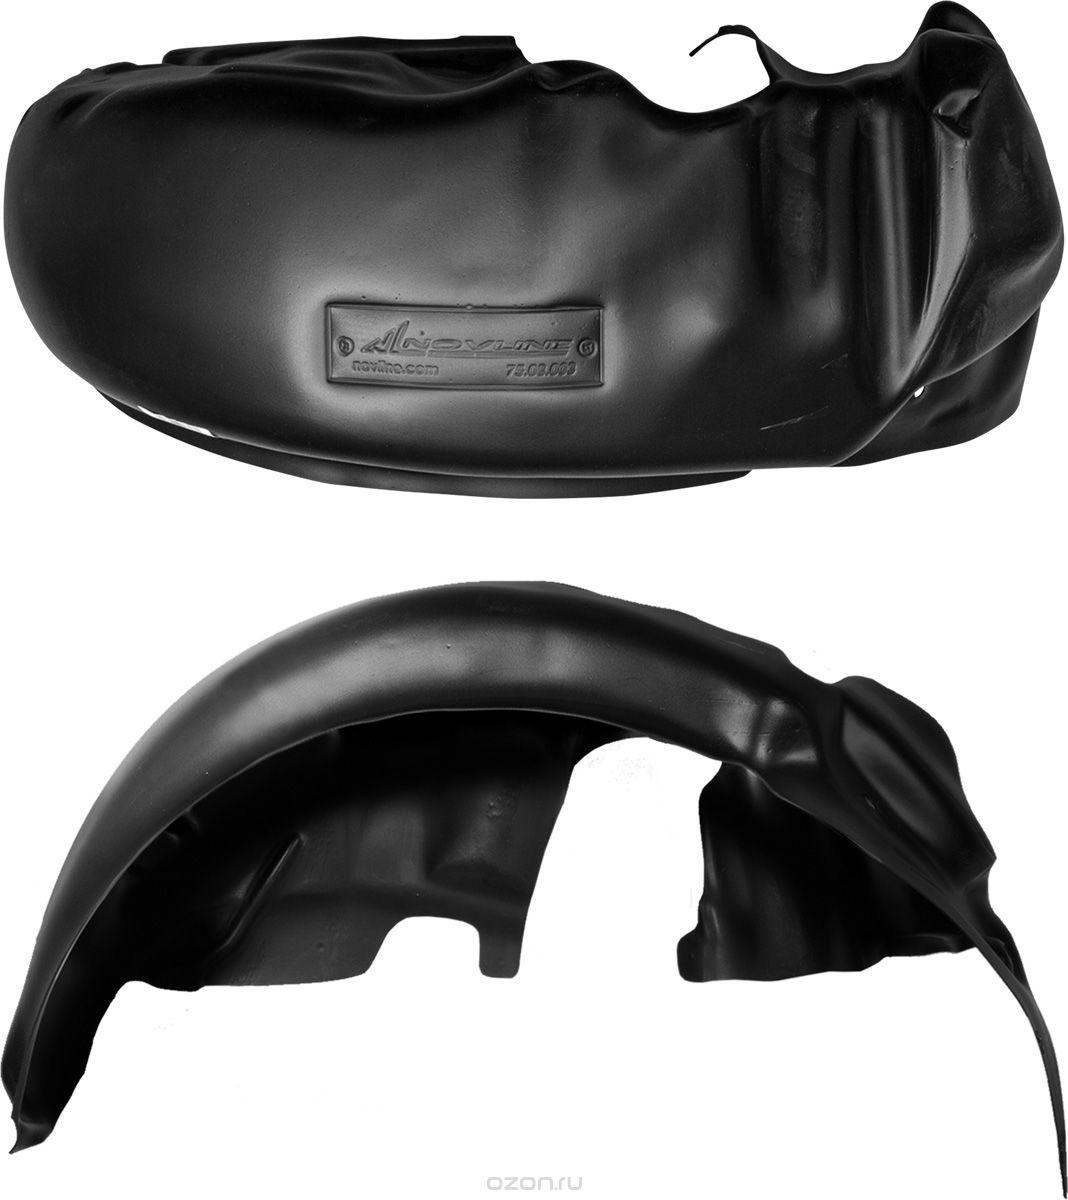 Подкрылок Novline-Autofamily, для ВАЗ 2105, 07, 1982-2010, б/б, задний левый000203Идеальная защита колесной ниши. Локеры разработаны с применением цифровых технологий, гарантируют максимальную повторяемость поверхности арки. Изделия устанавливаются без нарушения лакокрасочного покрытия автомобиля, каждый подкрылок комплектуется крепежом. Уважаемые клиенты, обращаем ваше внимание, что фотографии на подкрылки универсальные и не отражают реальную форму изделия. При этом само изделие идет точно под размер указанного автомобиля.